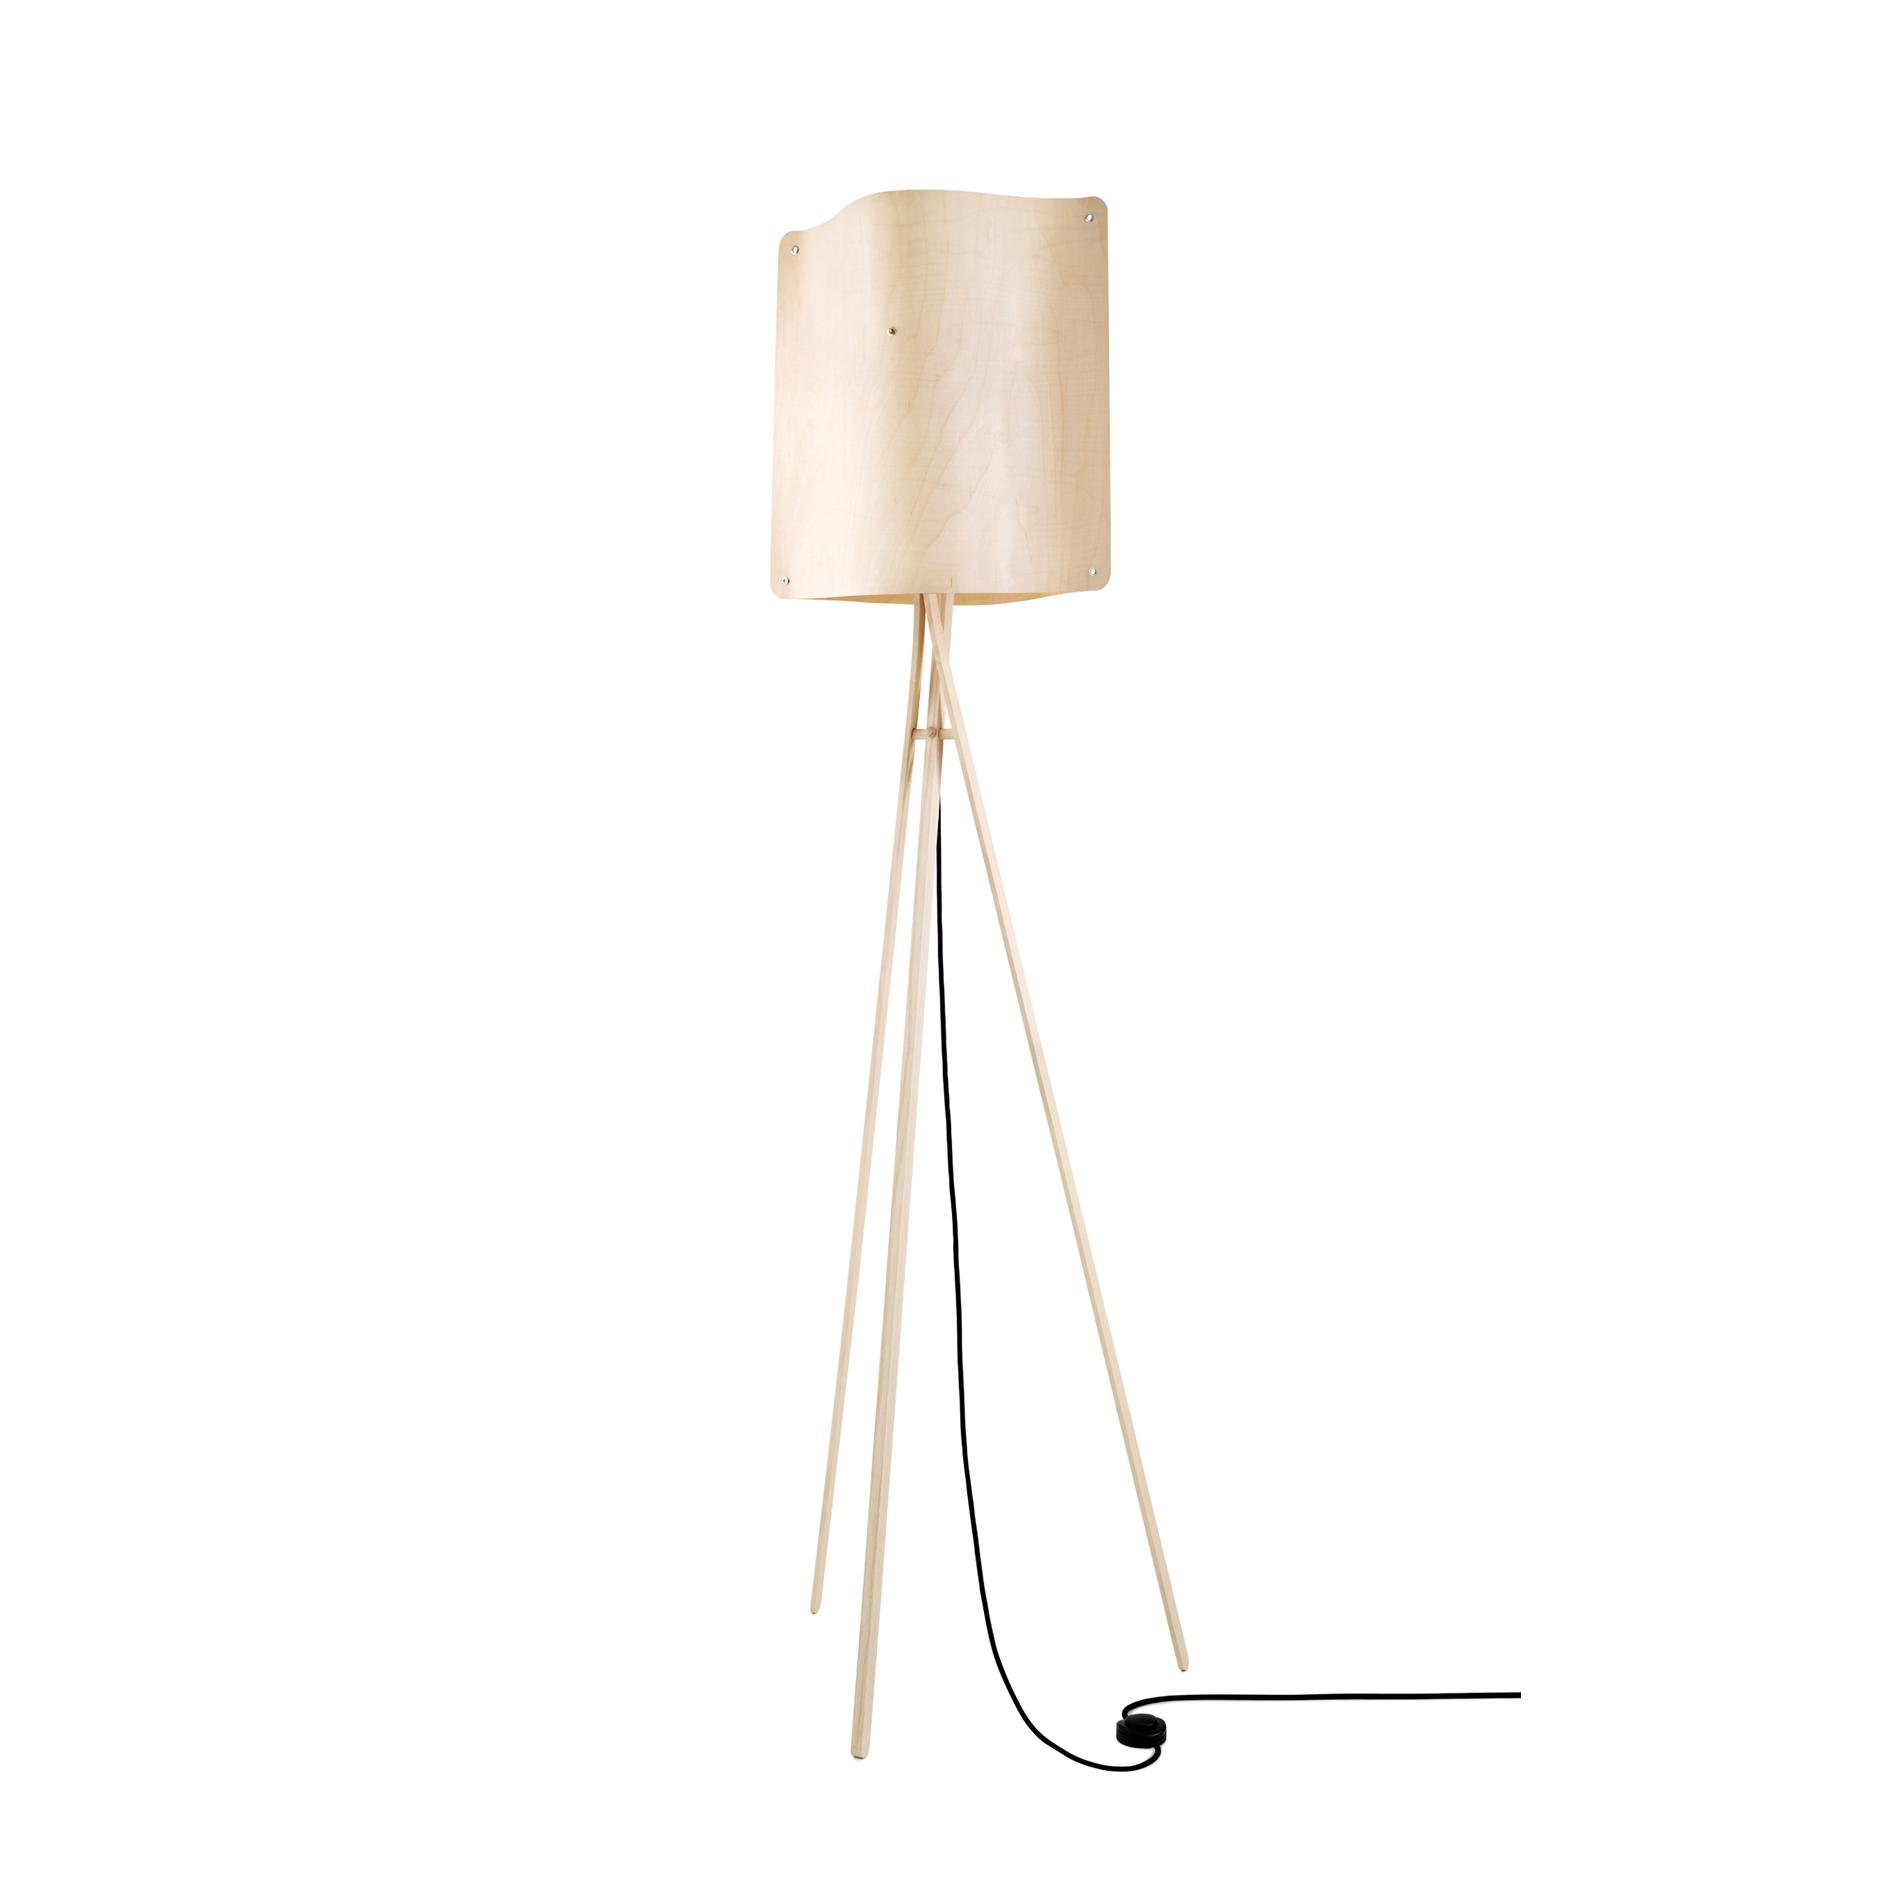 a light shape lamp designer lighting for spiral pendant home fixtures modern like looks homesfeed